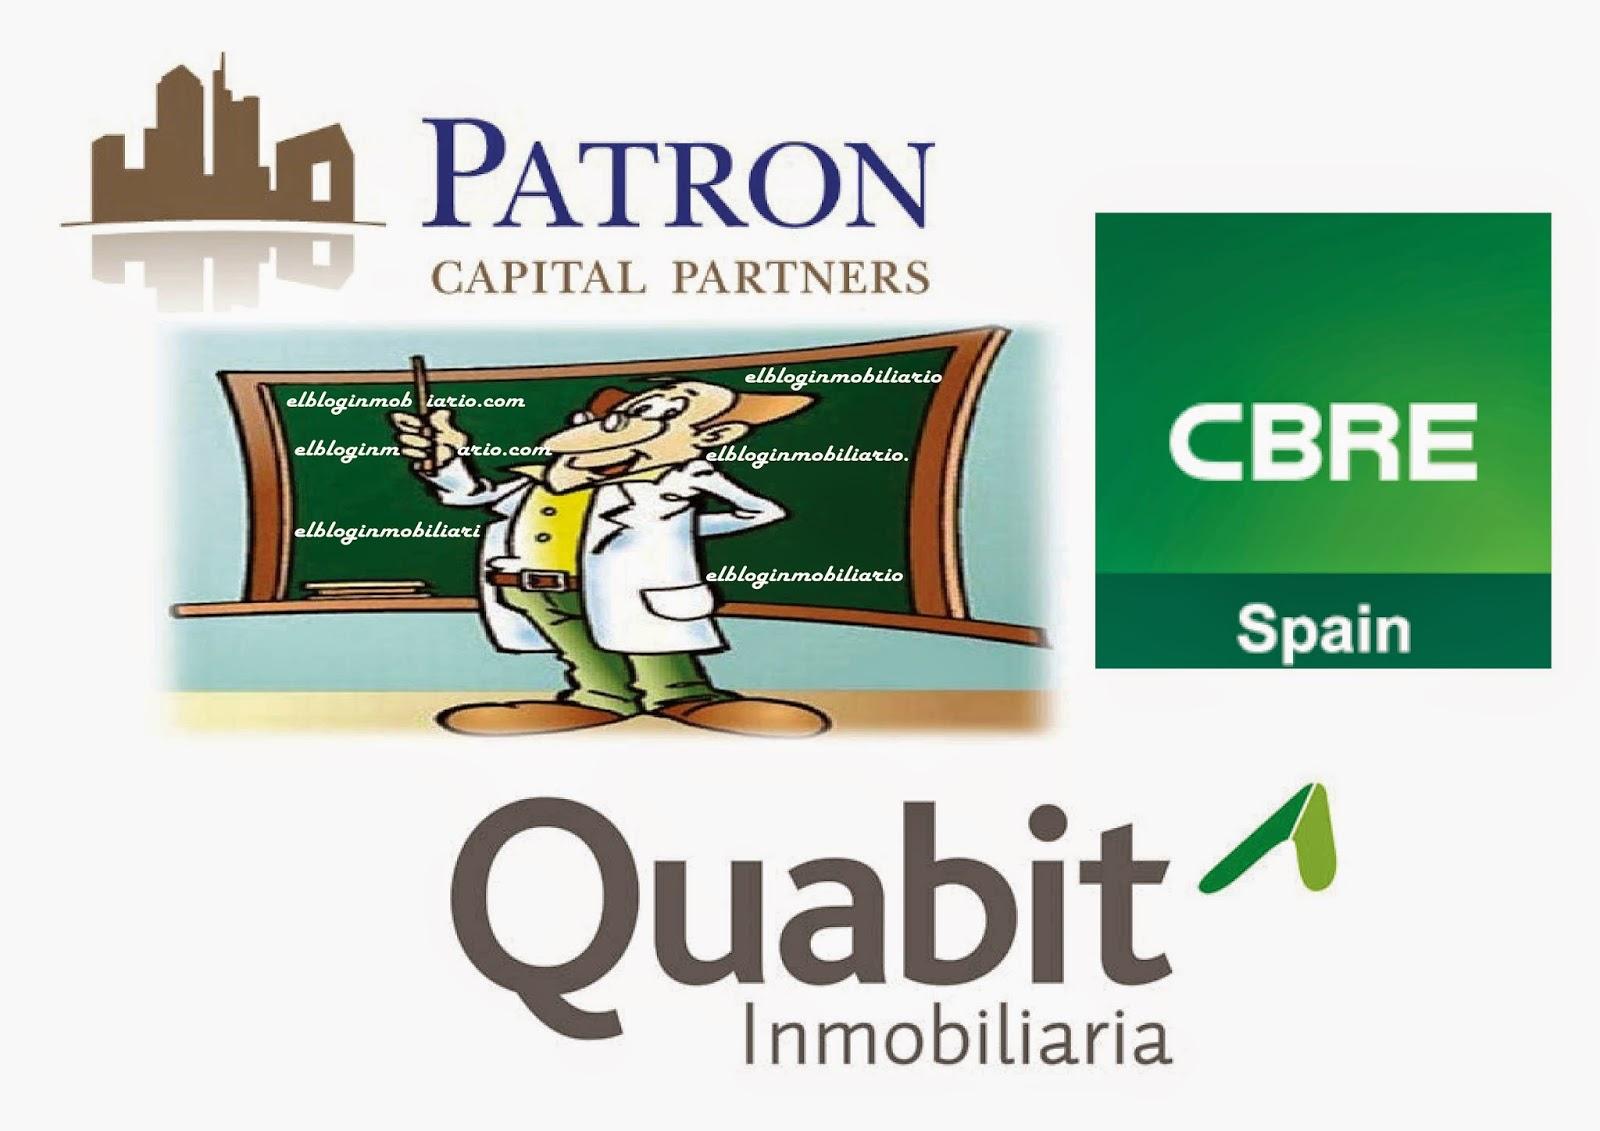 Patron Capital Quabit Inmobiliaria Cbre Spain elbloginmobiliario.com